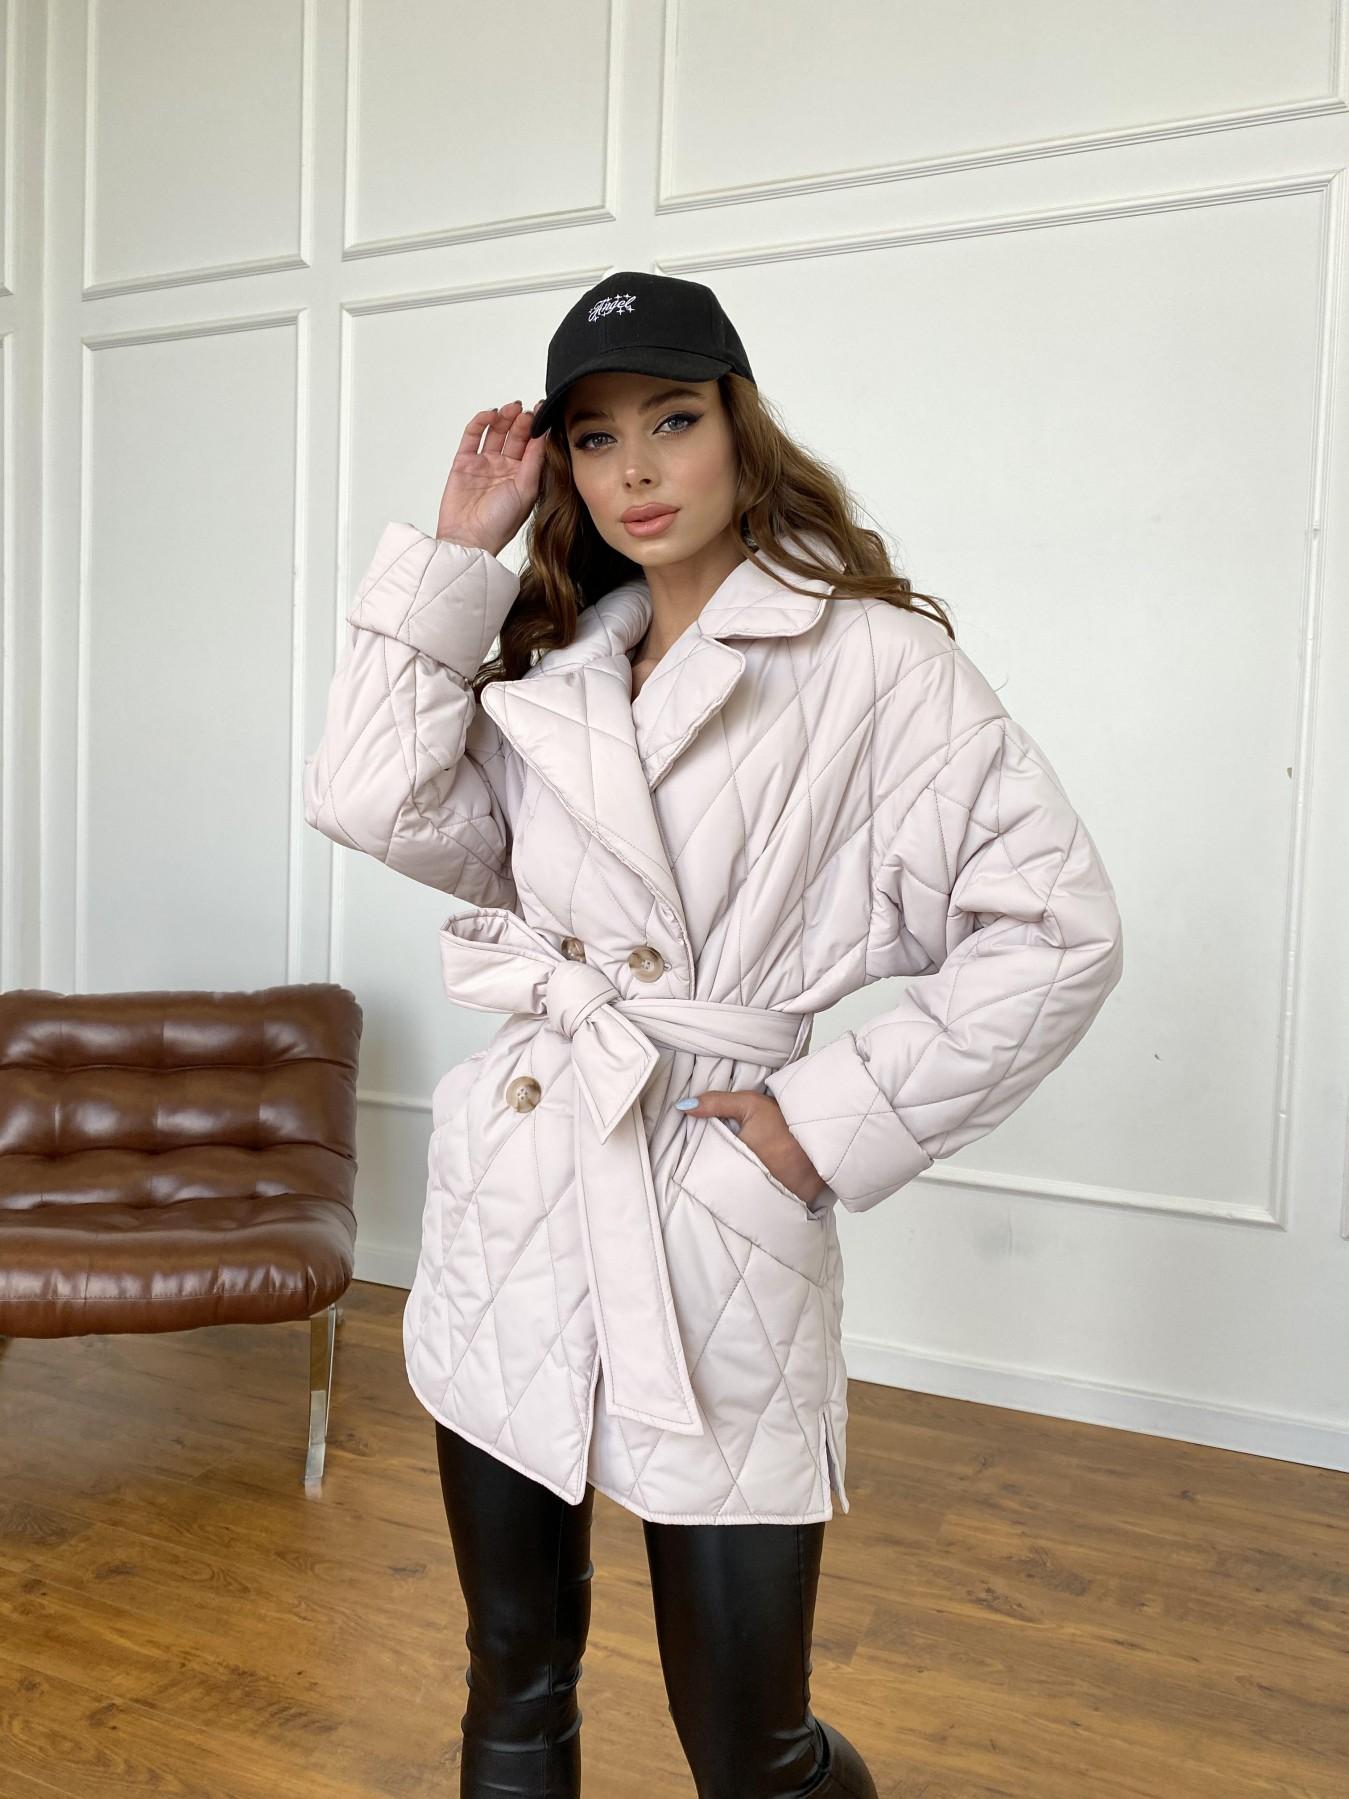 Норд куртка из плащевой ткани стеганая 10883 АРТ. 47551 Цвет: Бежевый 970 - фото 1, интернет магазин tm-modus.ru